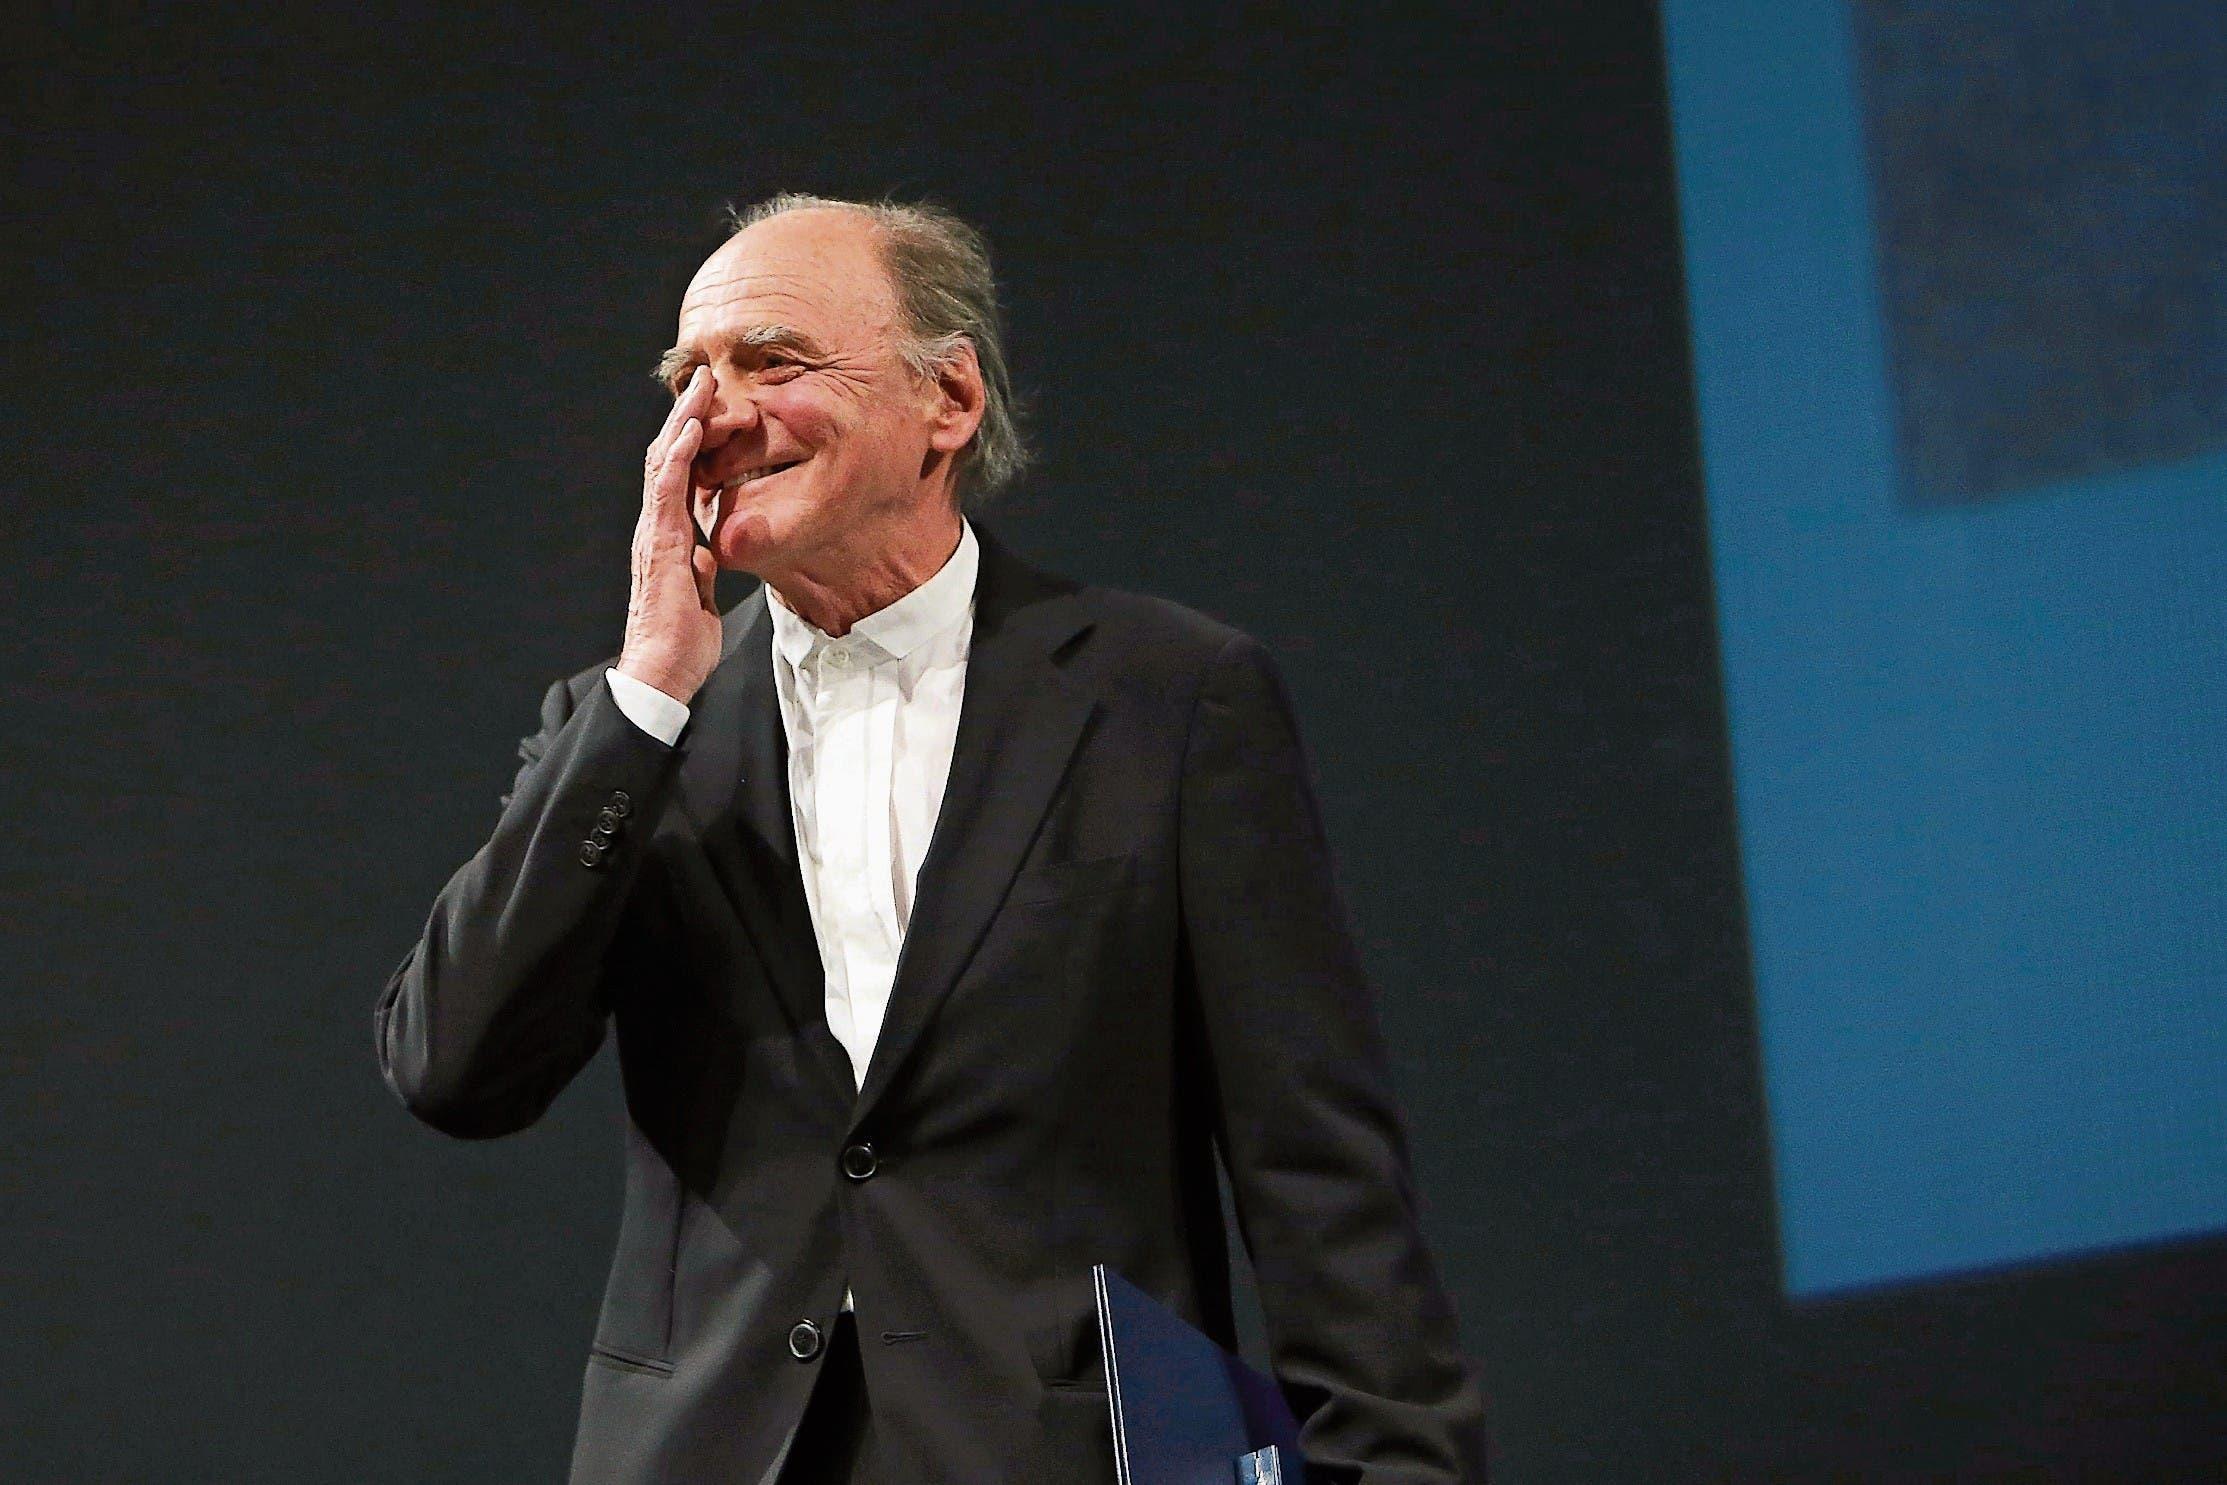 Ein Star, der menschlich und bescheiden war. Bewegter Bruno Ganz bei der Verleihung der Carl-Zuckmayer-Medaille in Mainz. (Bild: Fredrik von Erichsen/Keystone (18. Januar 2015))